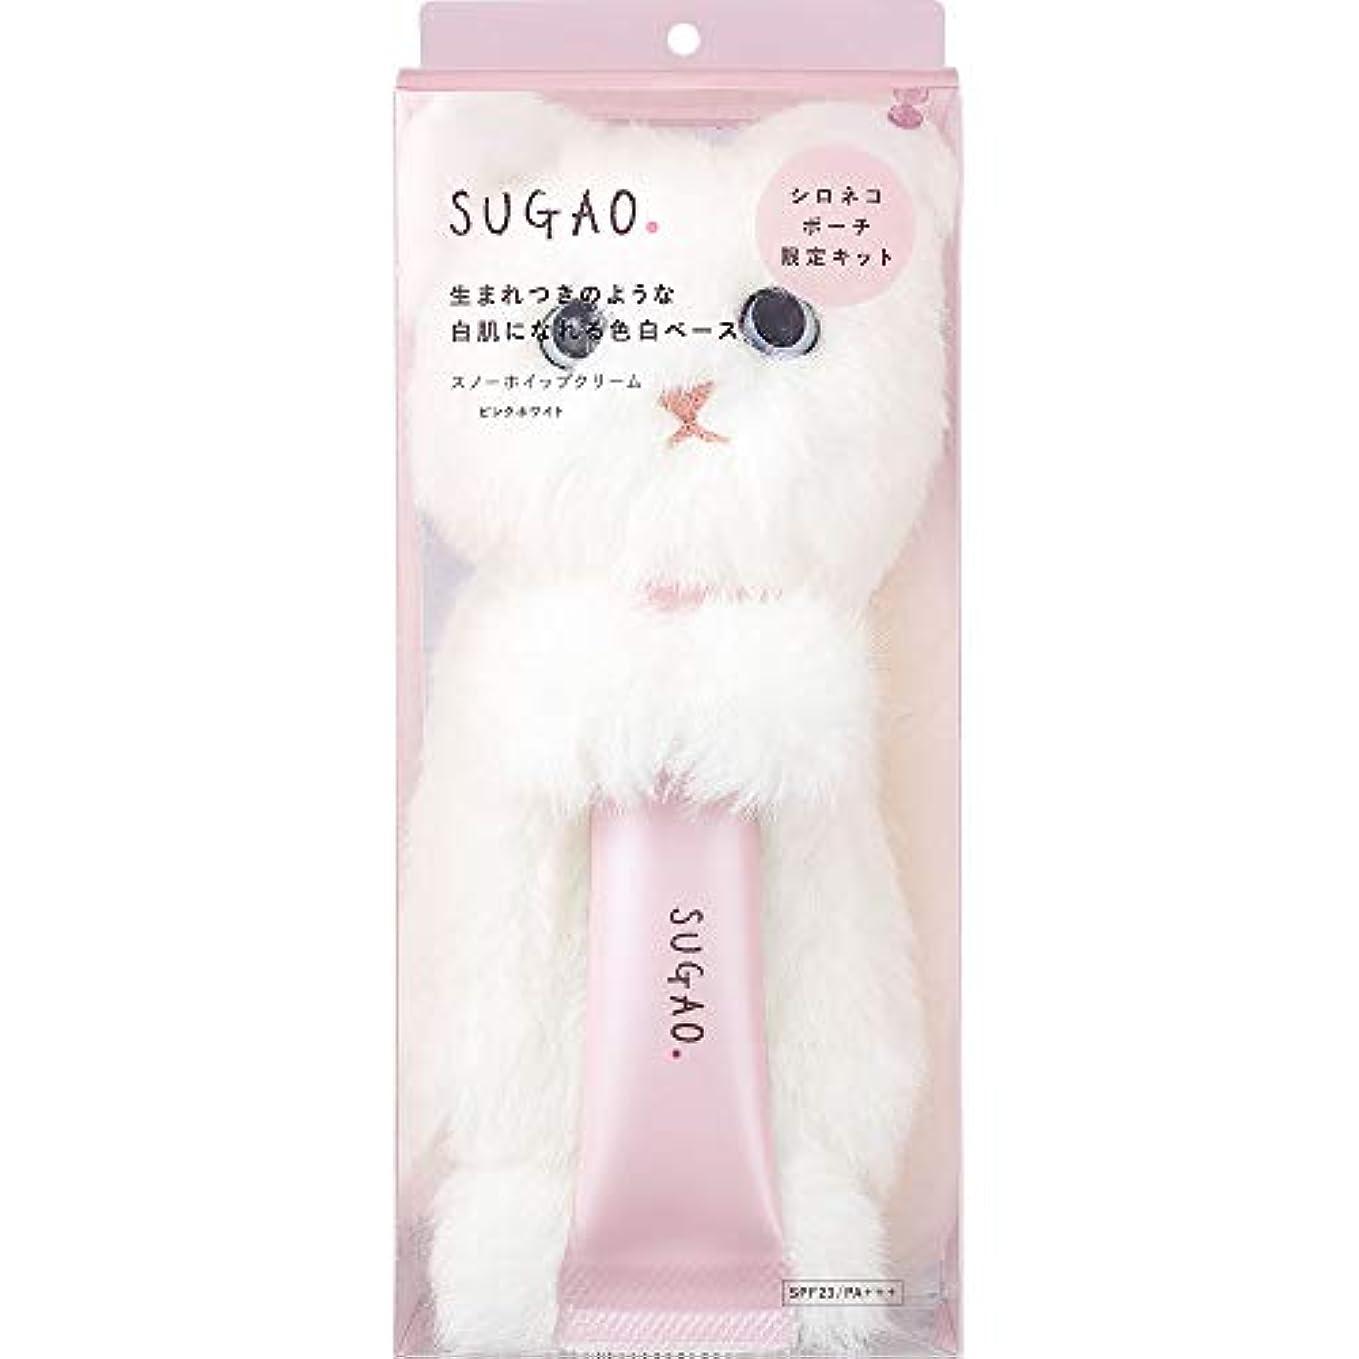 脆いブランド入口スガオ (SUGAO) 化粧下地 スノーホイップクリーム シロネコポーチ付き